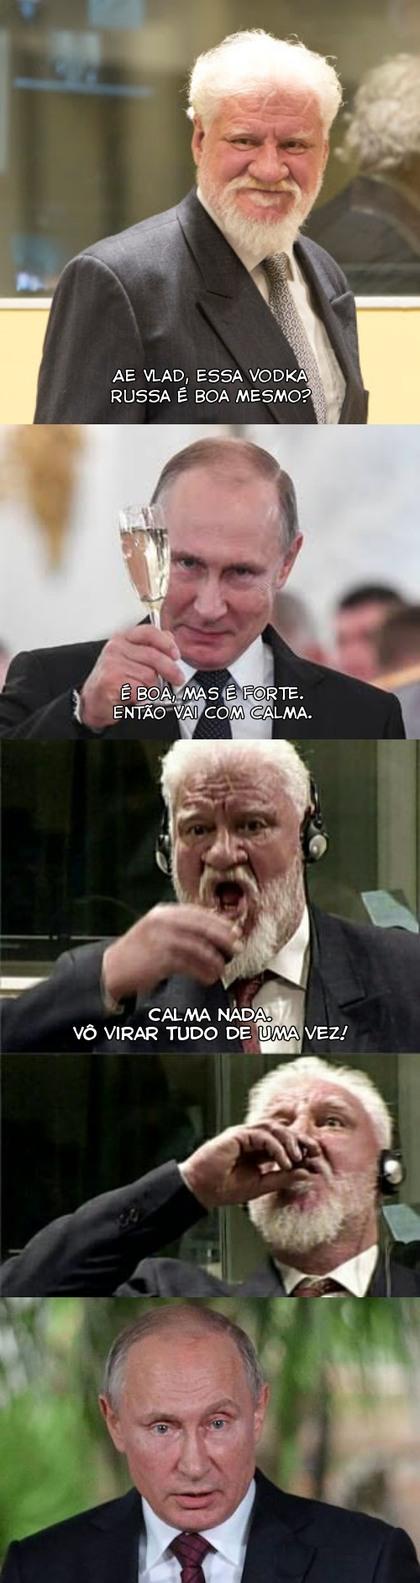 Diliça - meme